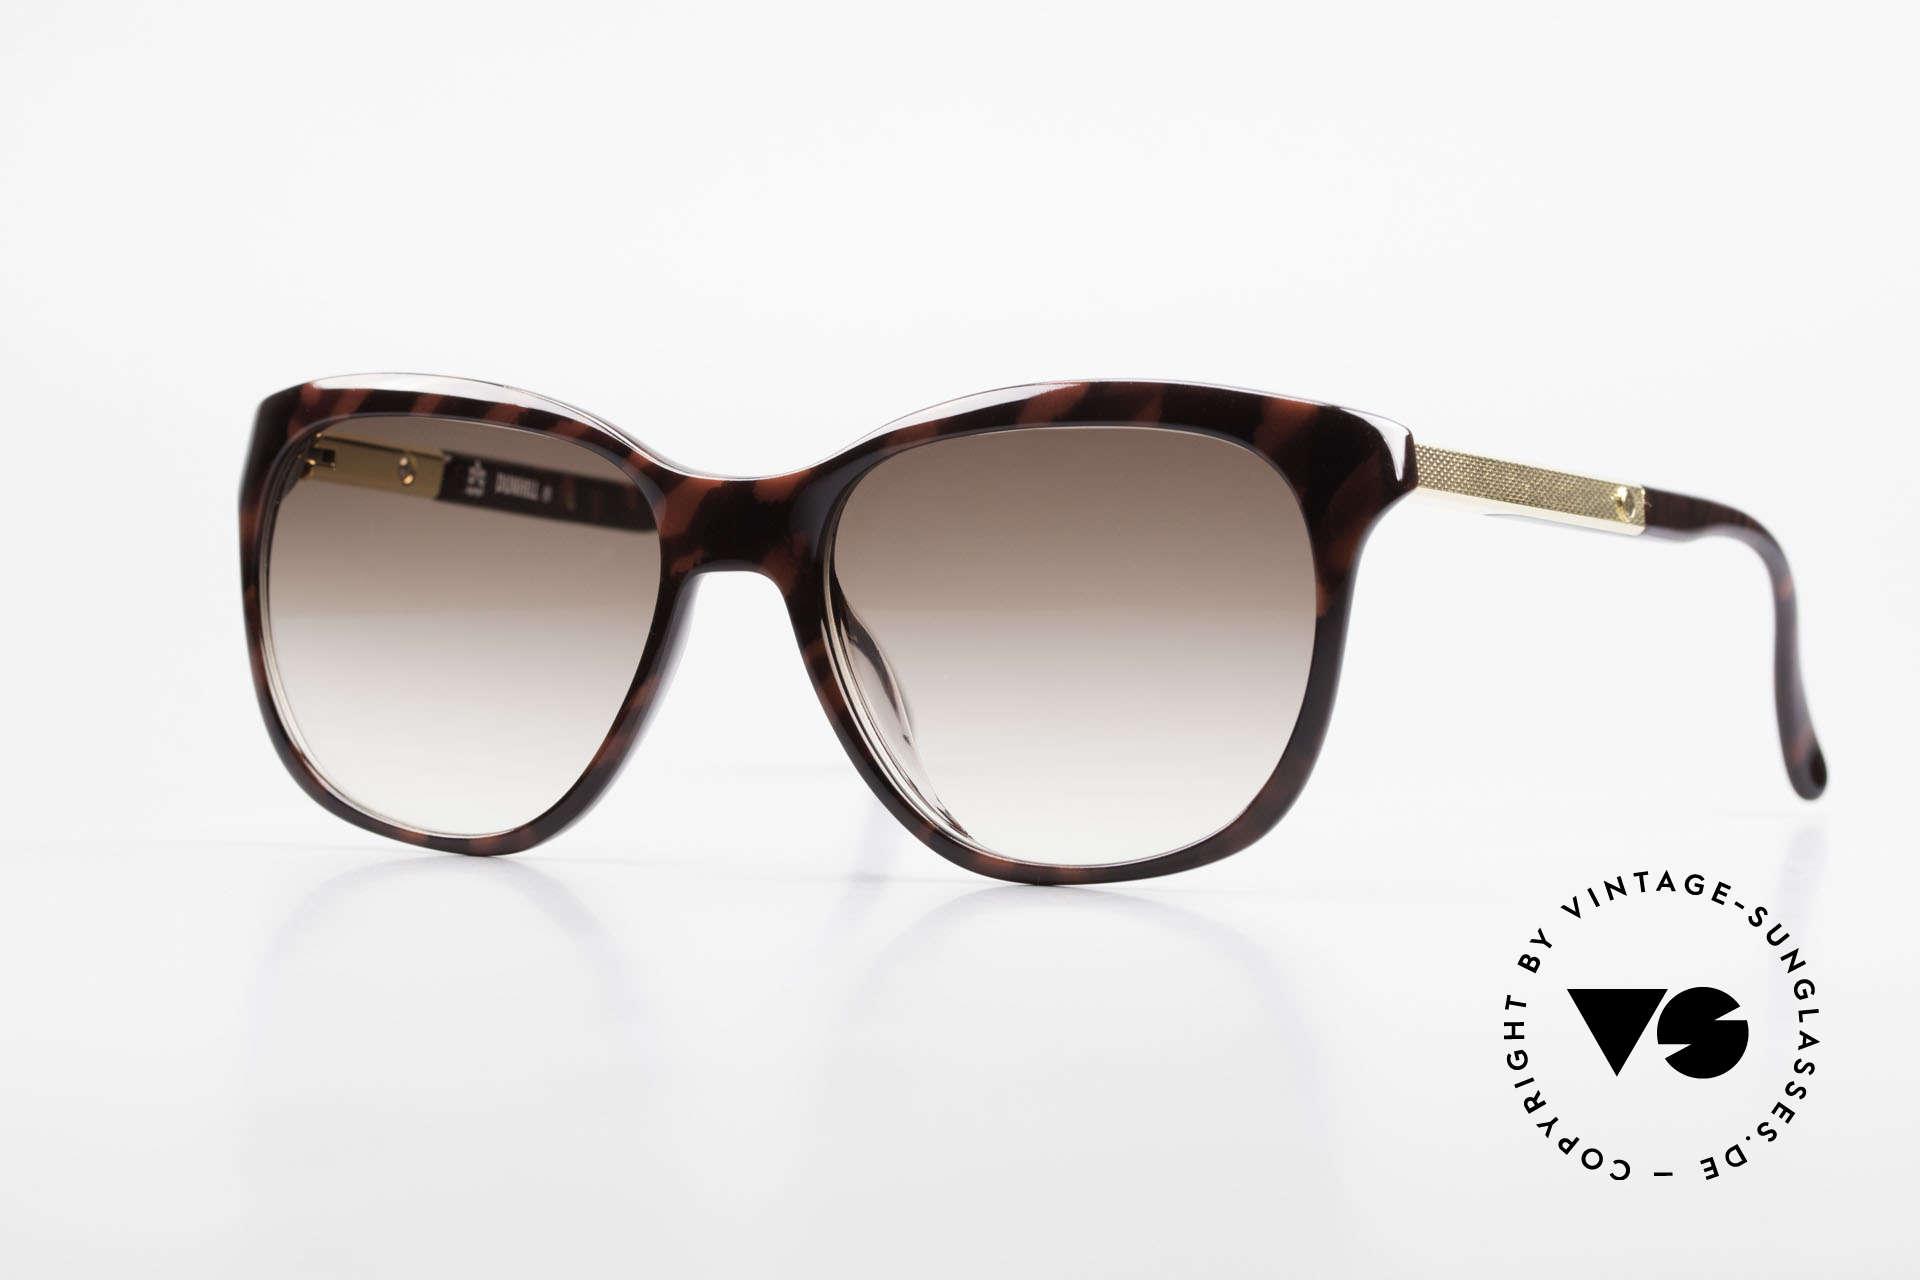 Dunhill 6006 Alte 80er Sonnenbrille Herren, zeitloses, stilvolles Design aus dem Jahre 1982, Passend für Herren